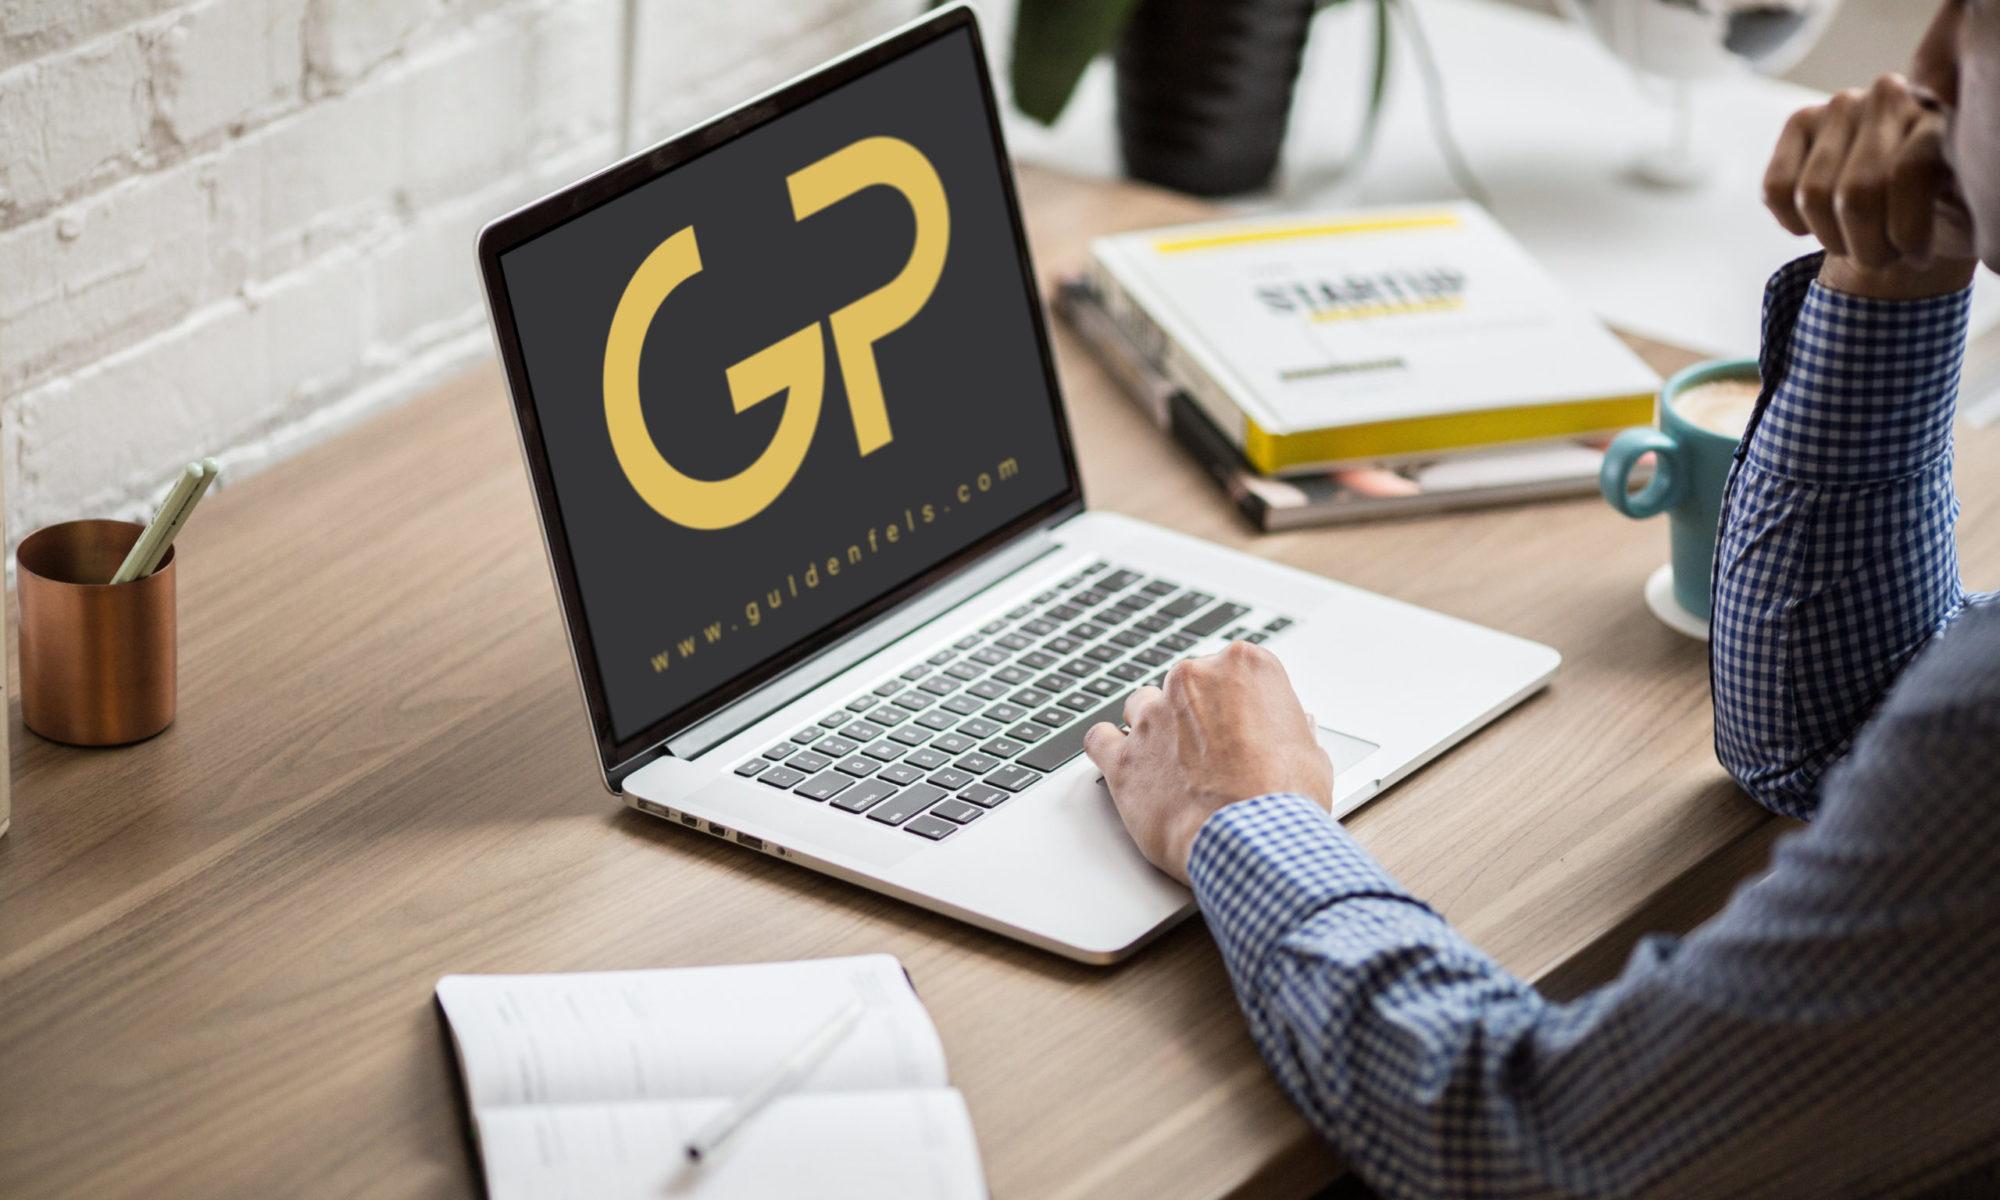 Guldenfels & Partner GmbH